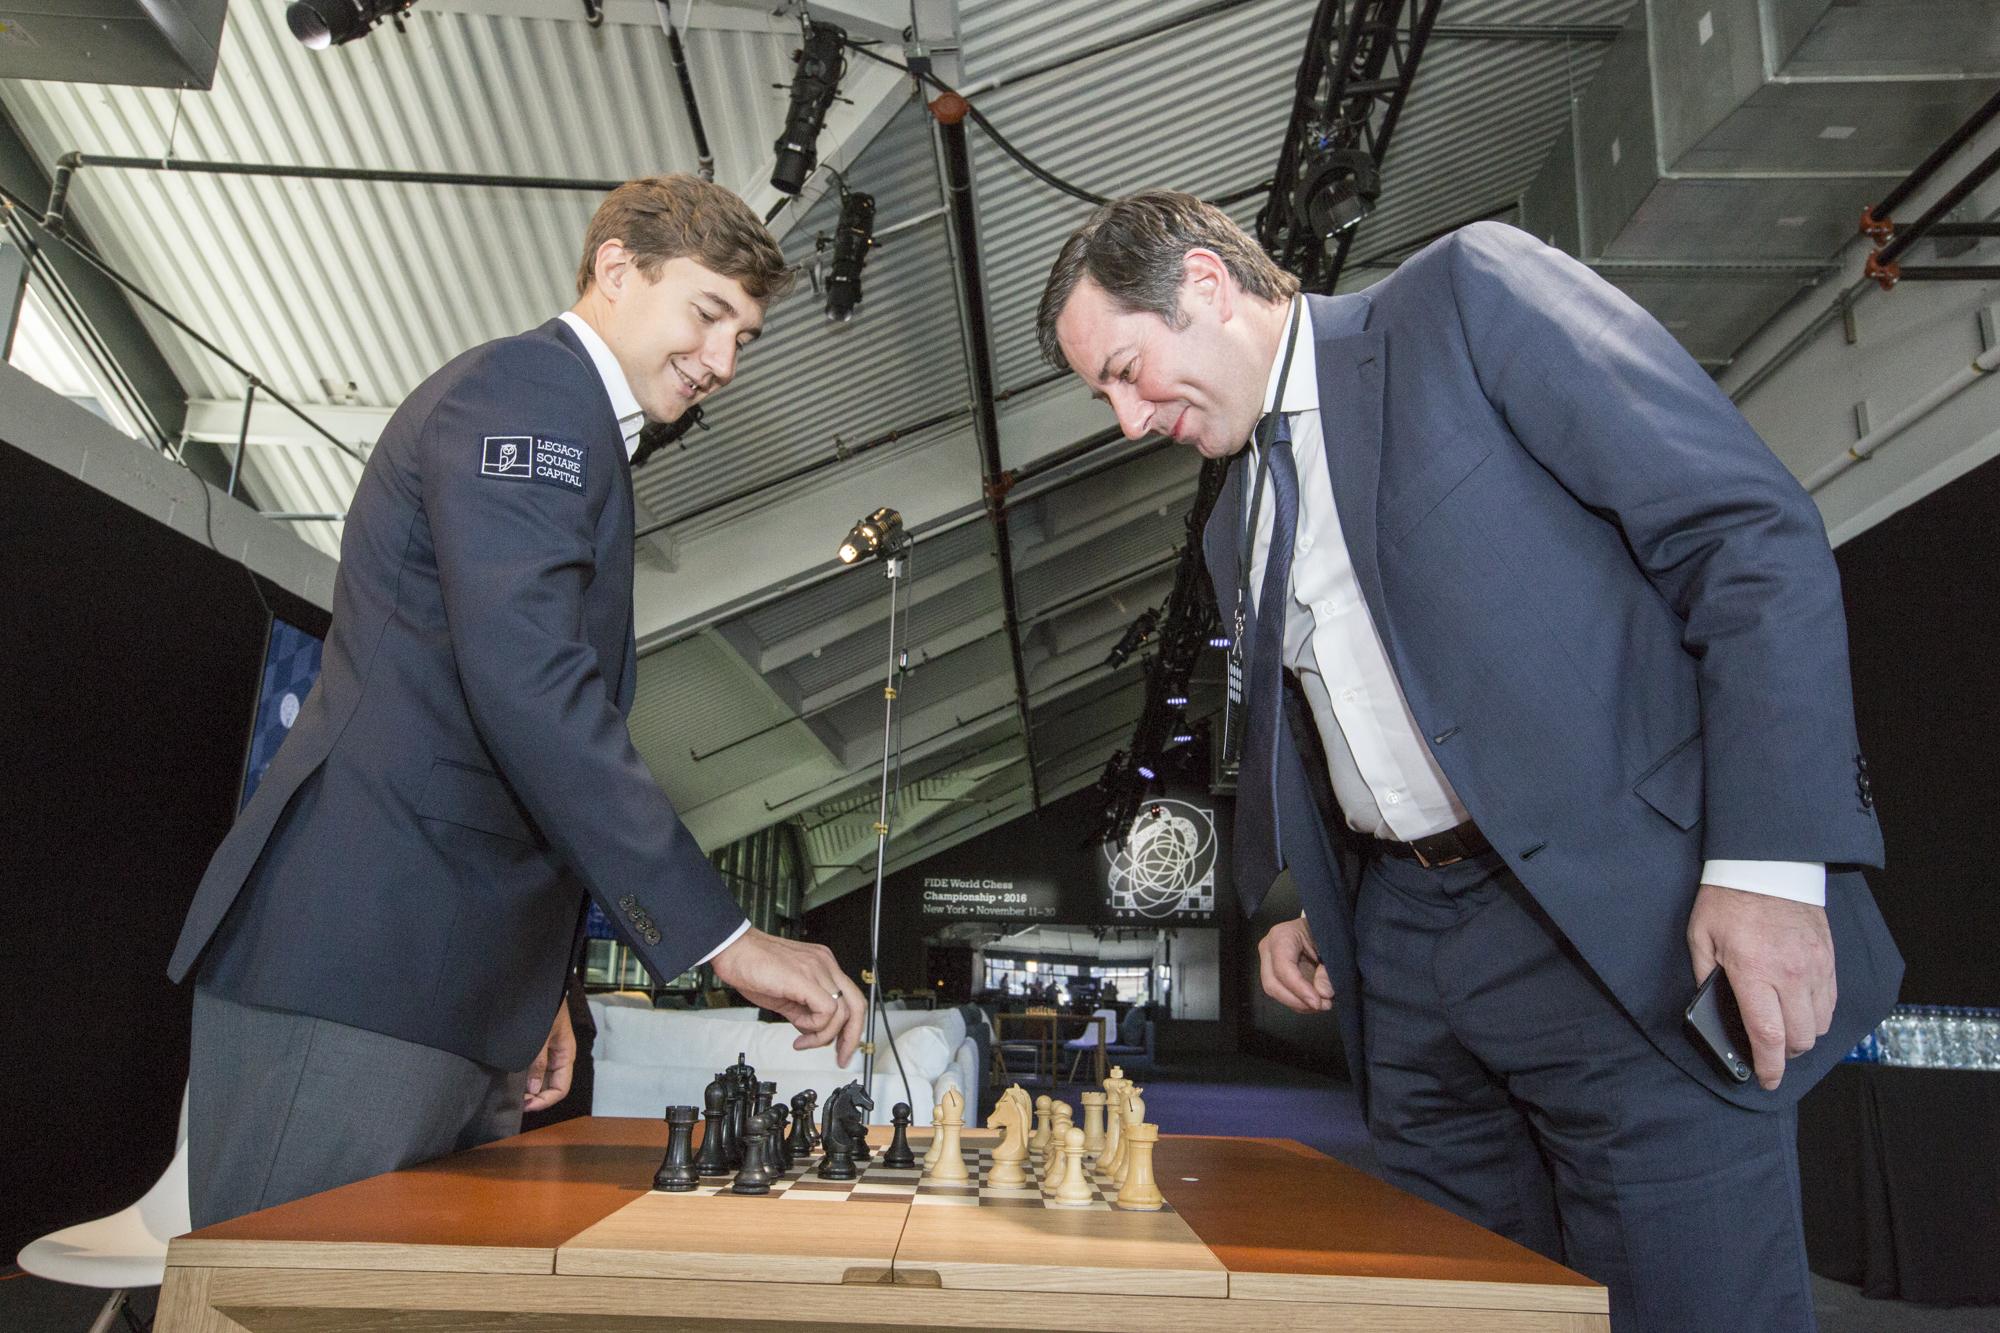 Глава Шахматной федерации Москвы Владимир Палихата и претендент на звание Чемпиона мира Сергей Карякин